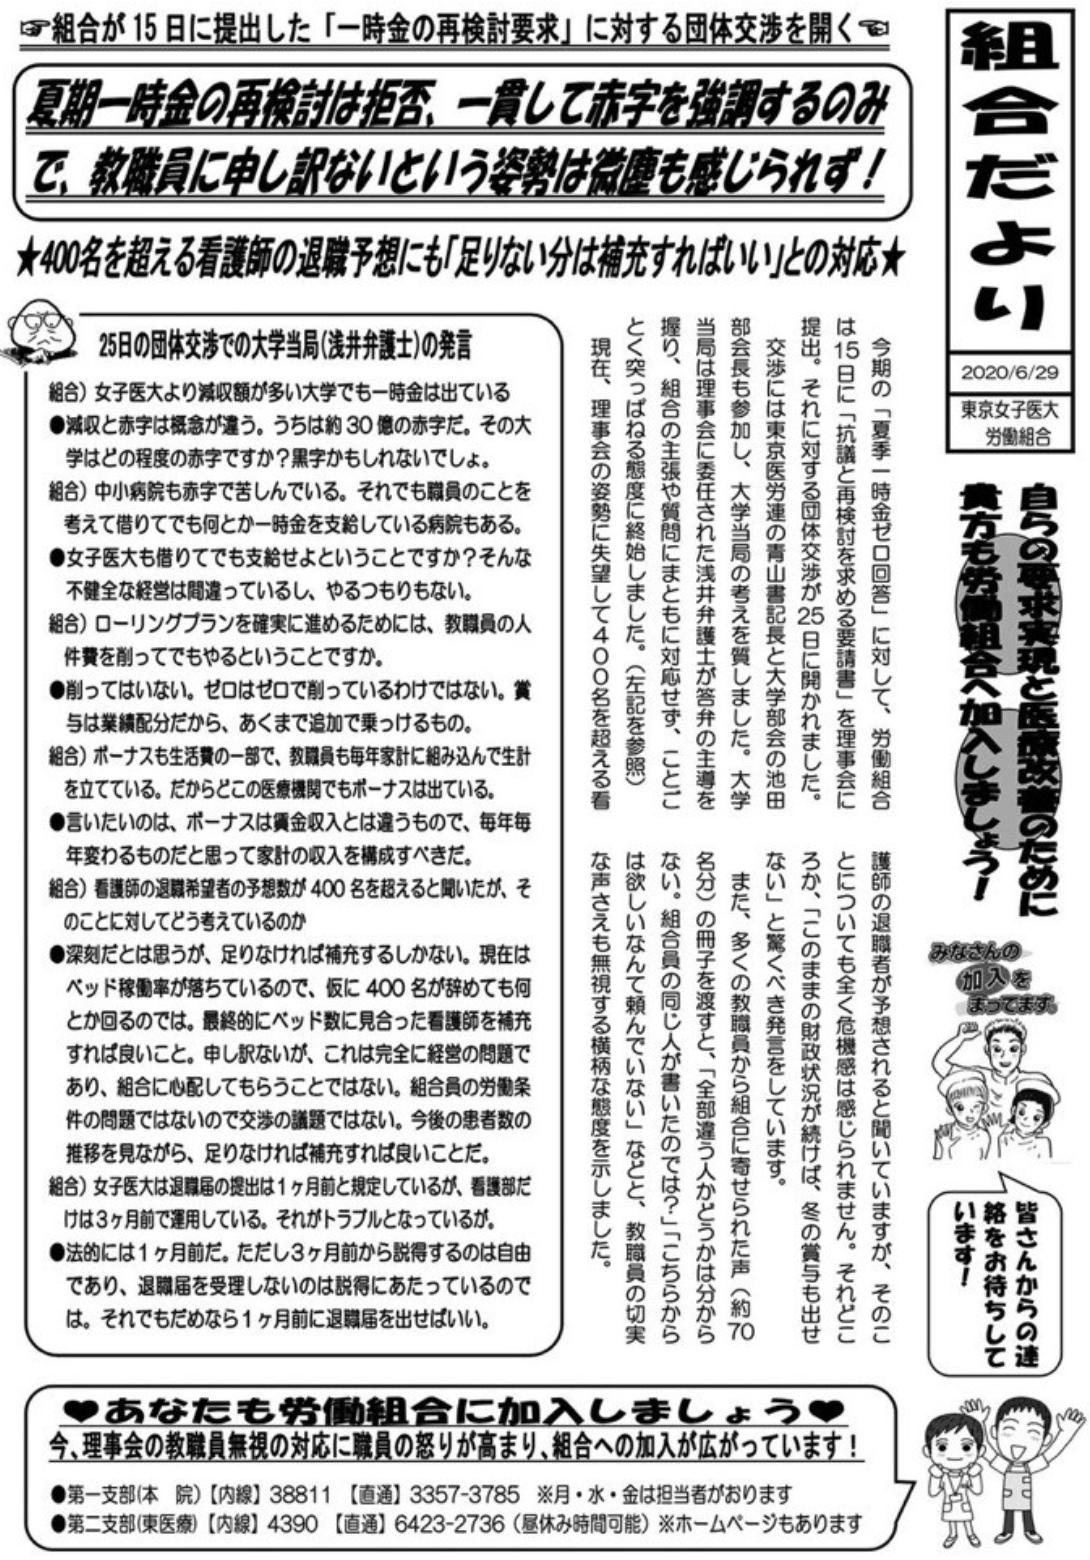 女子 理事 長 医大 東京 大学役職者・各施設長